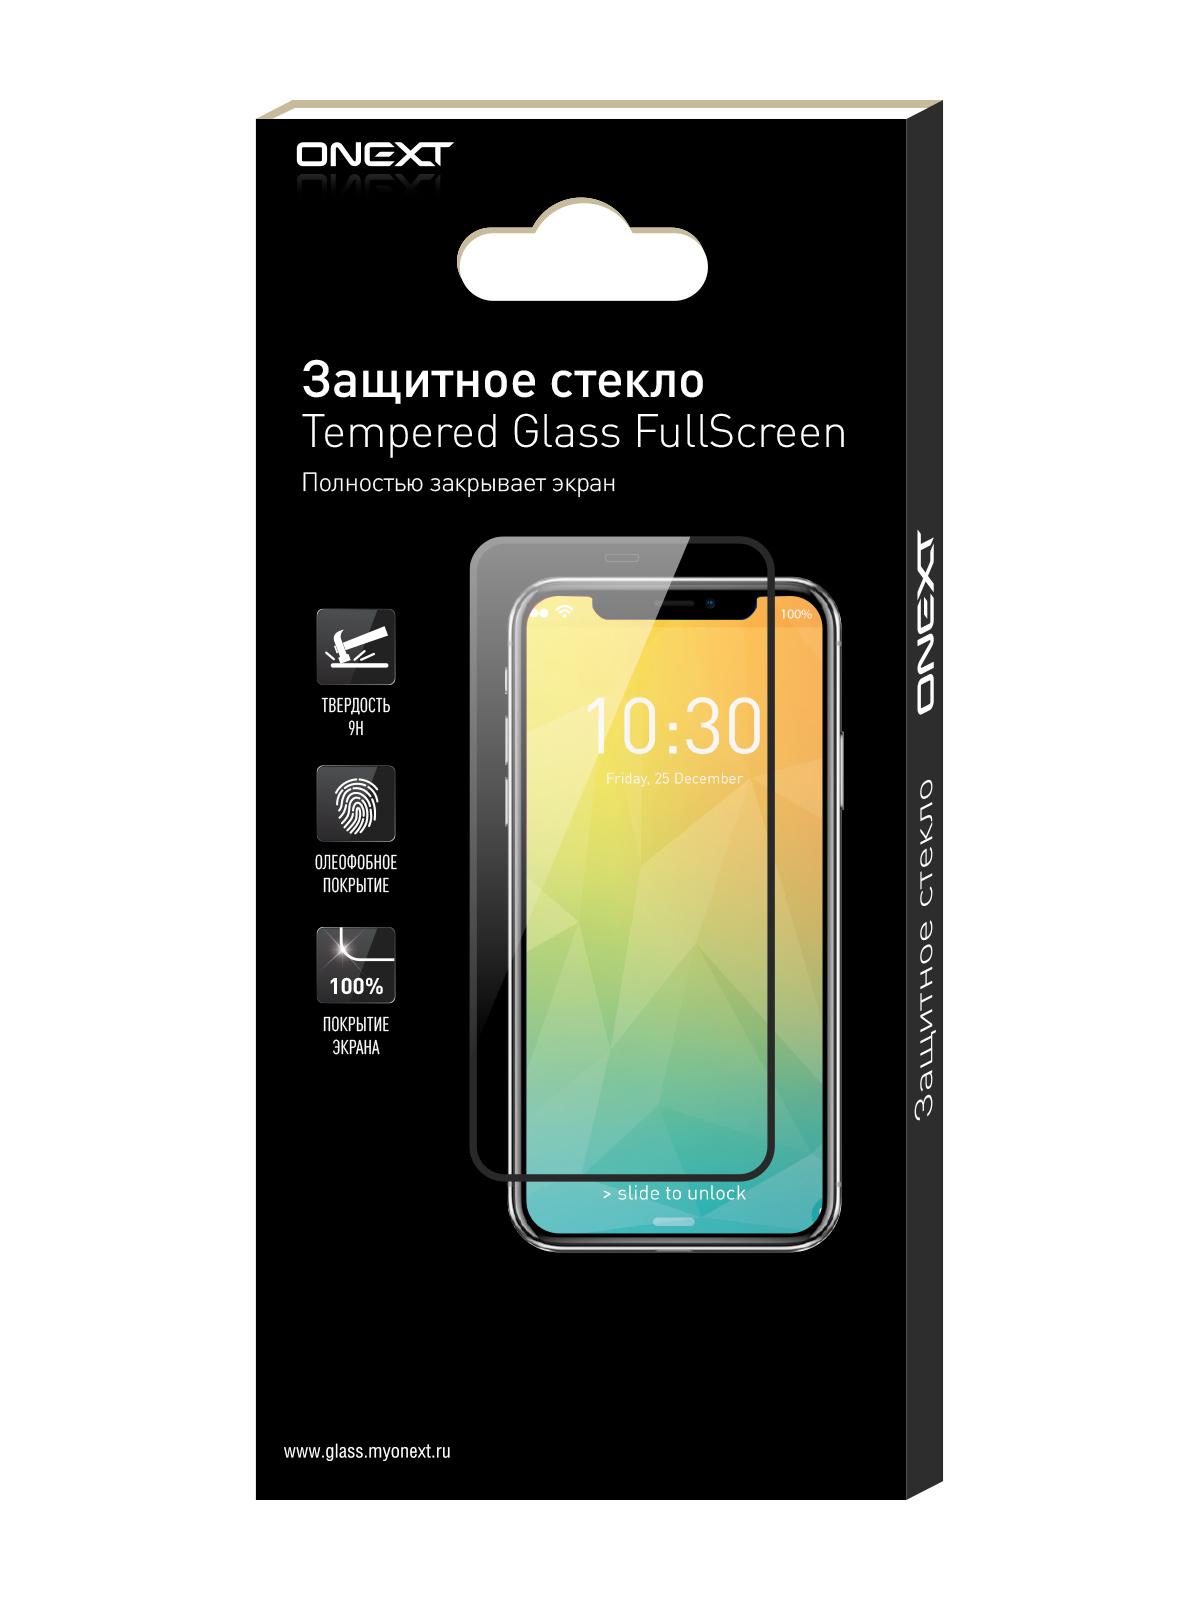 Защитное стекло ONEXT для Xiaomi Redmi Note 5A Prime/Redmi Note 5A Gold